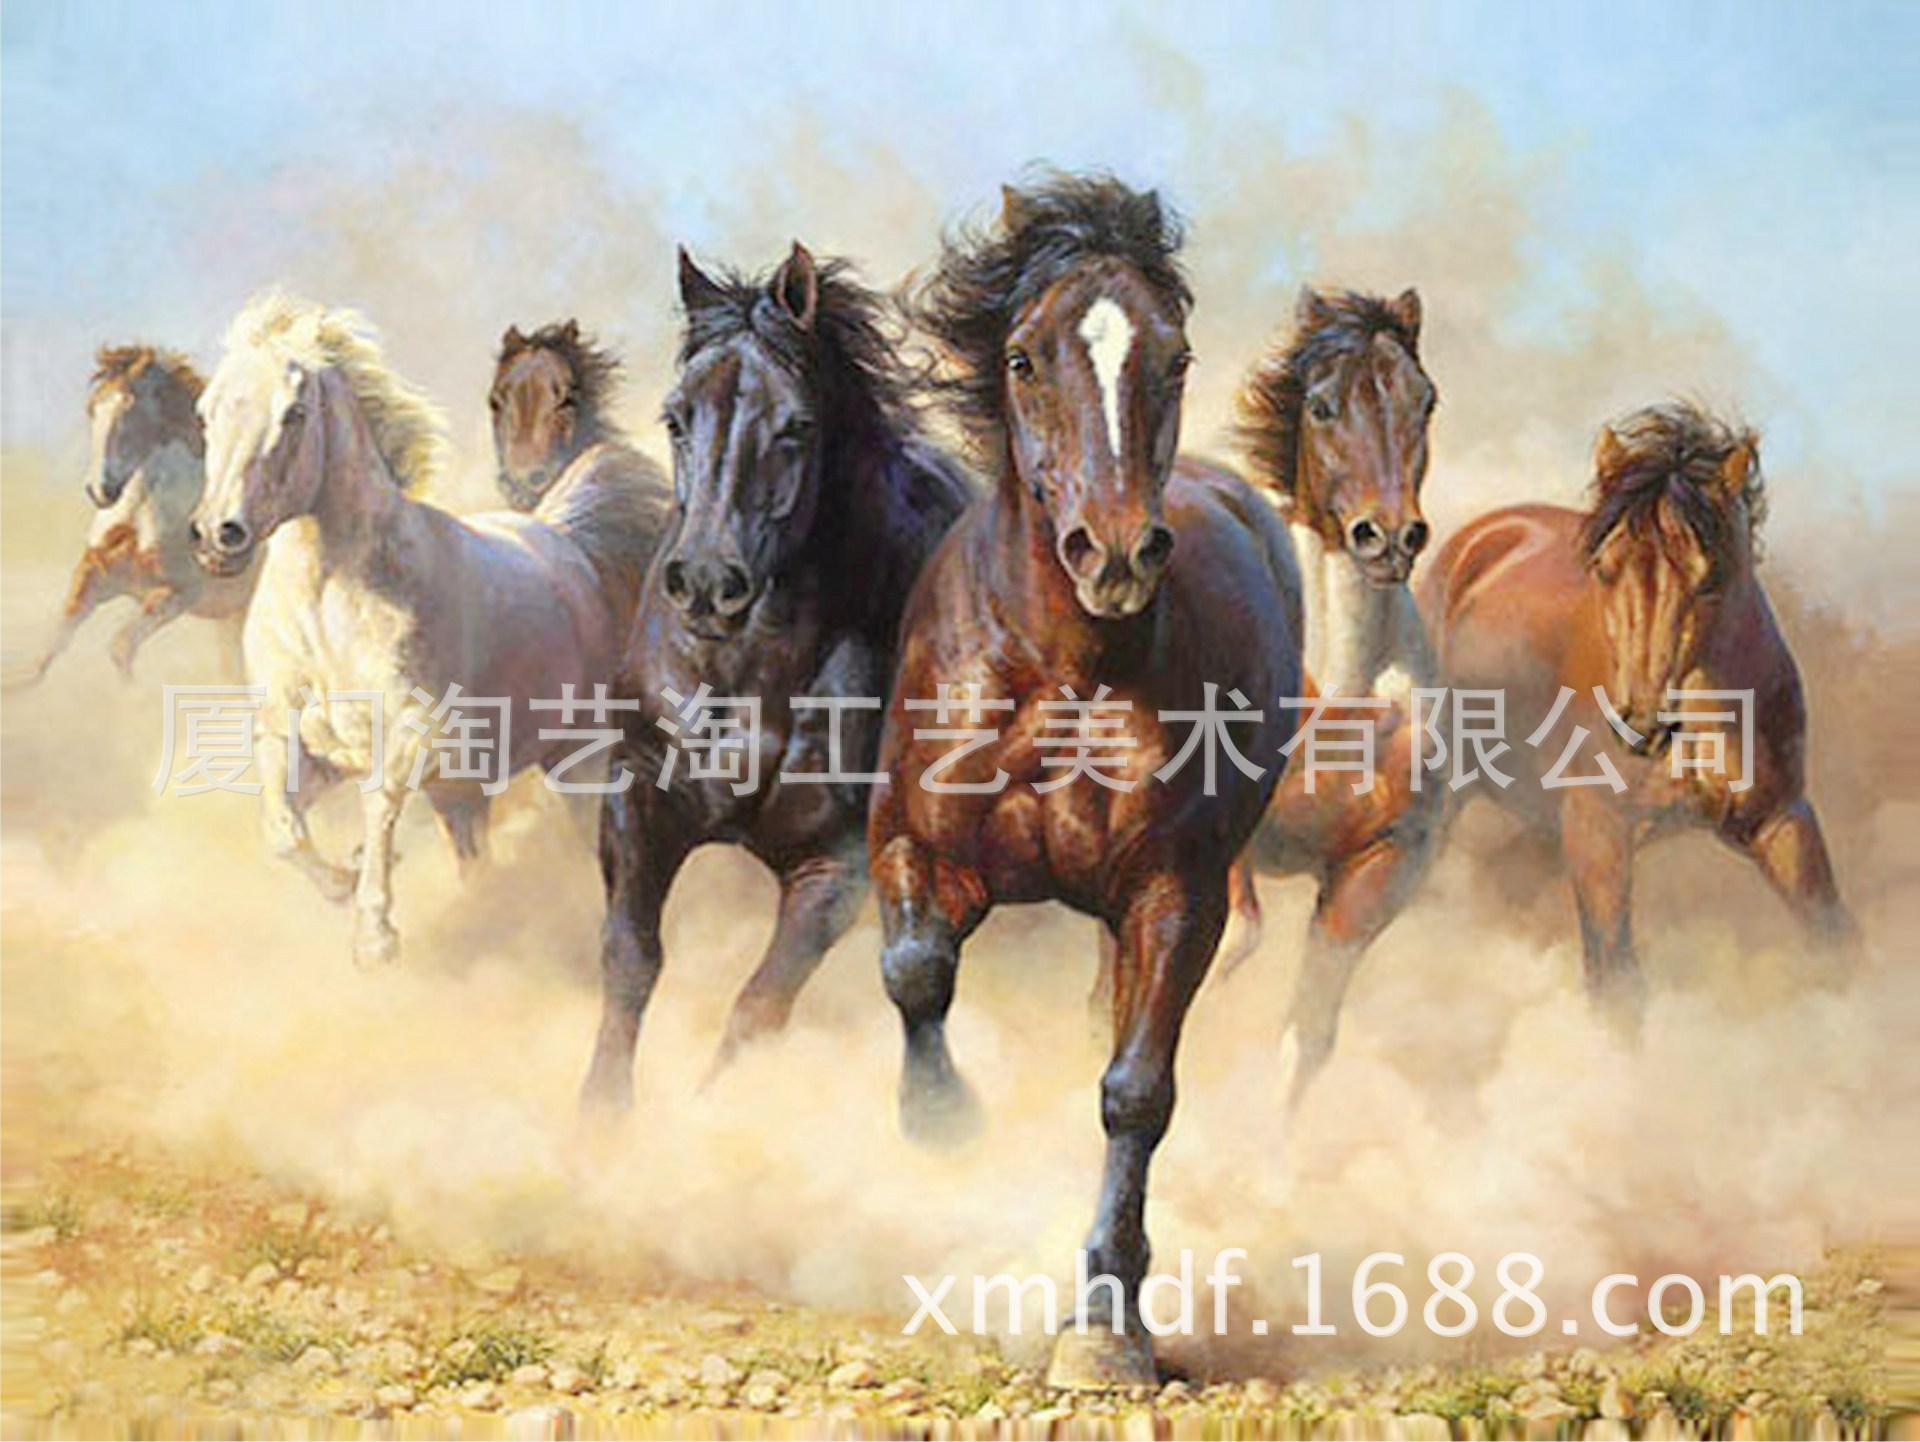 中国风景油画壁画 3d手绘油画